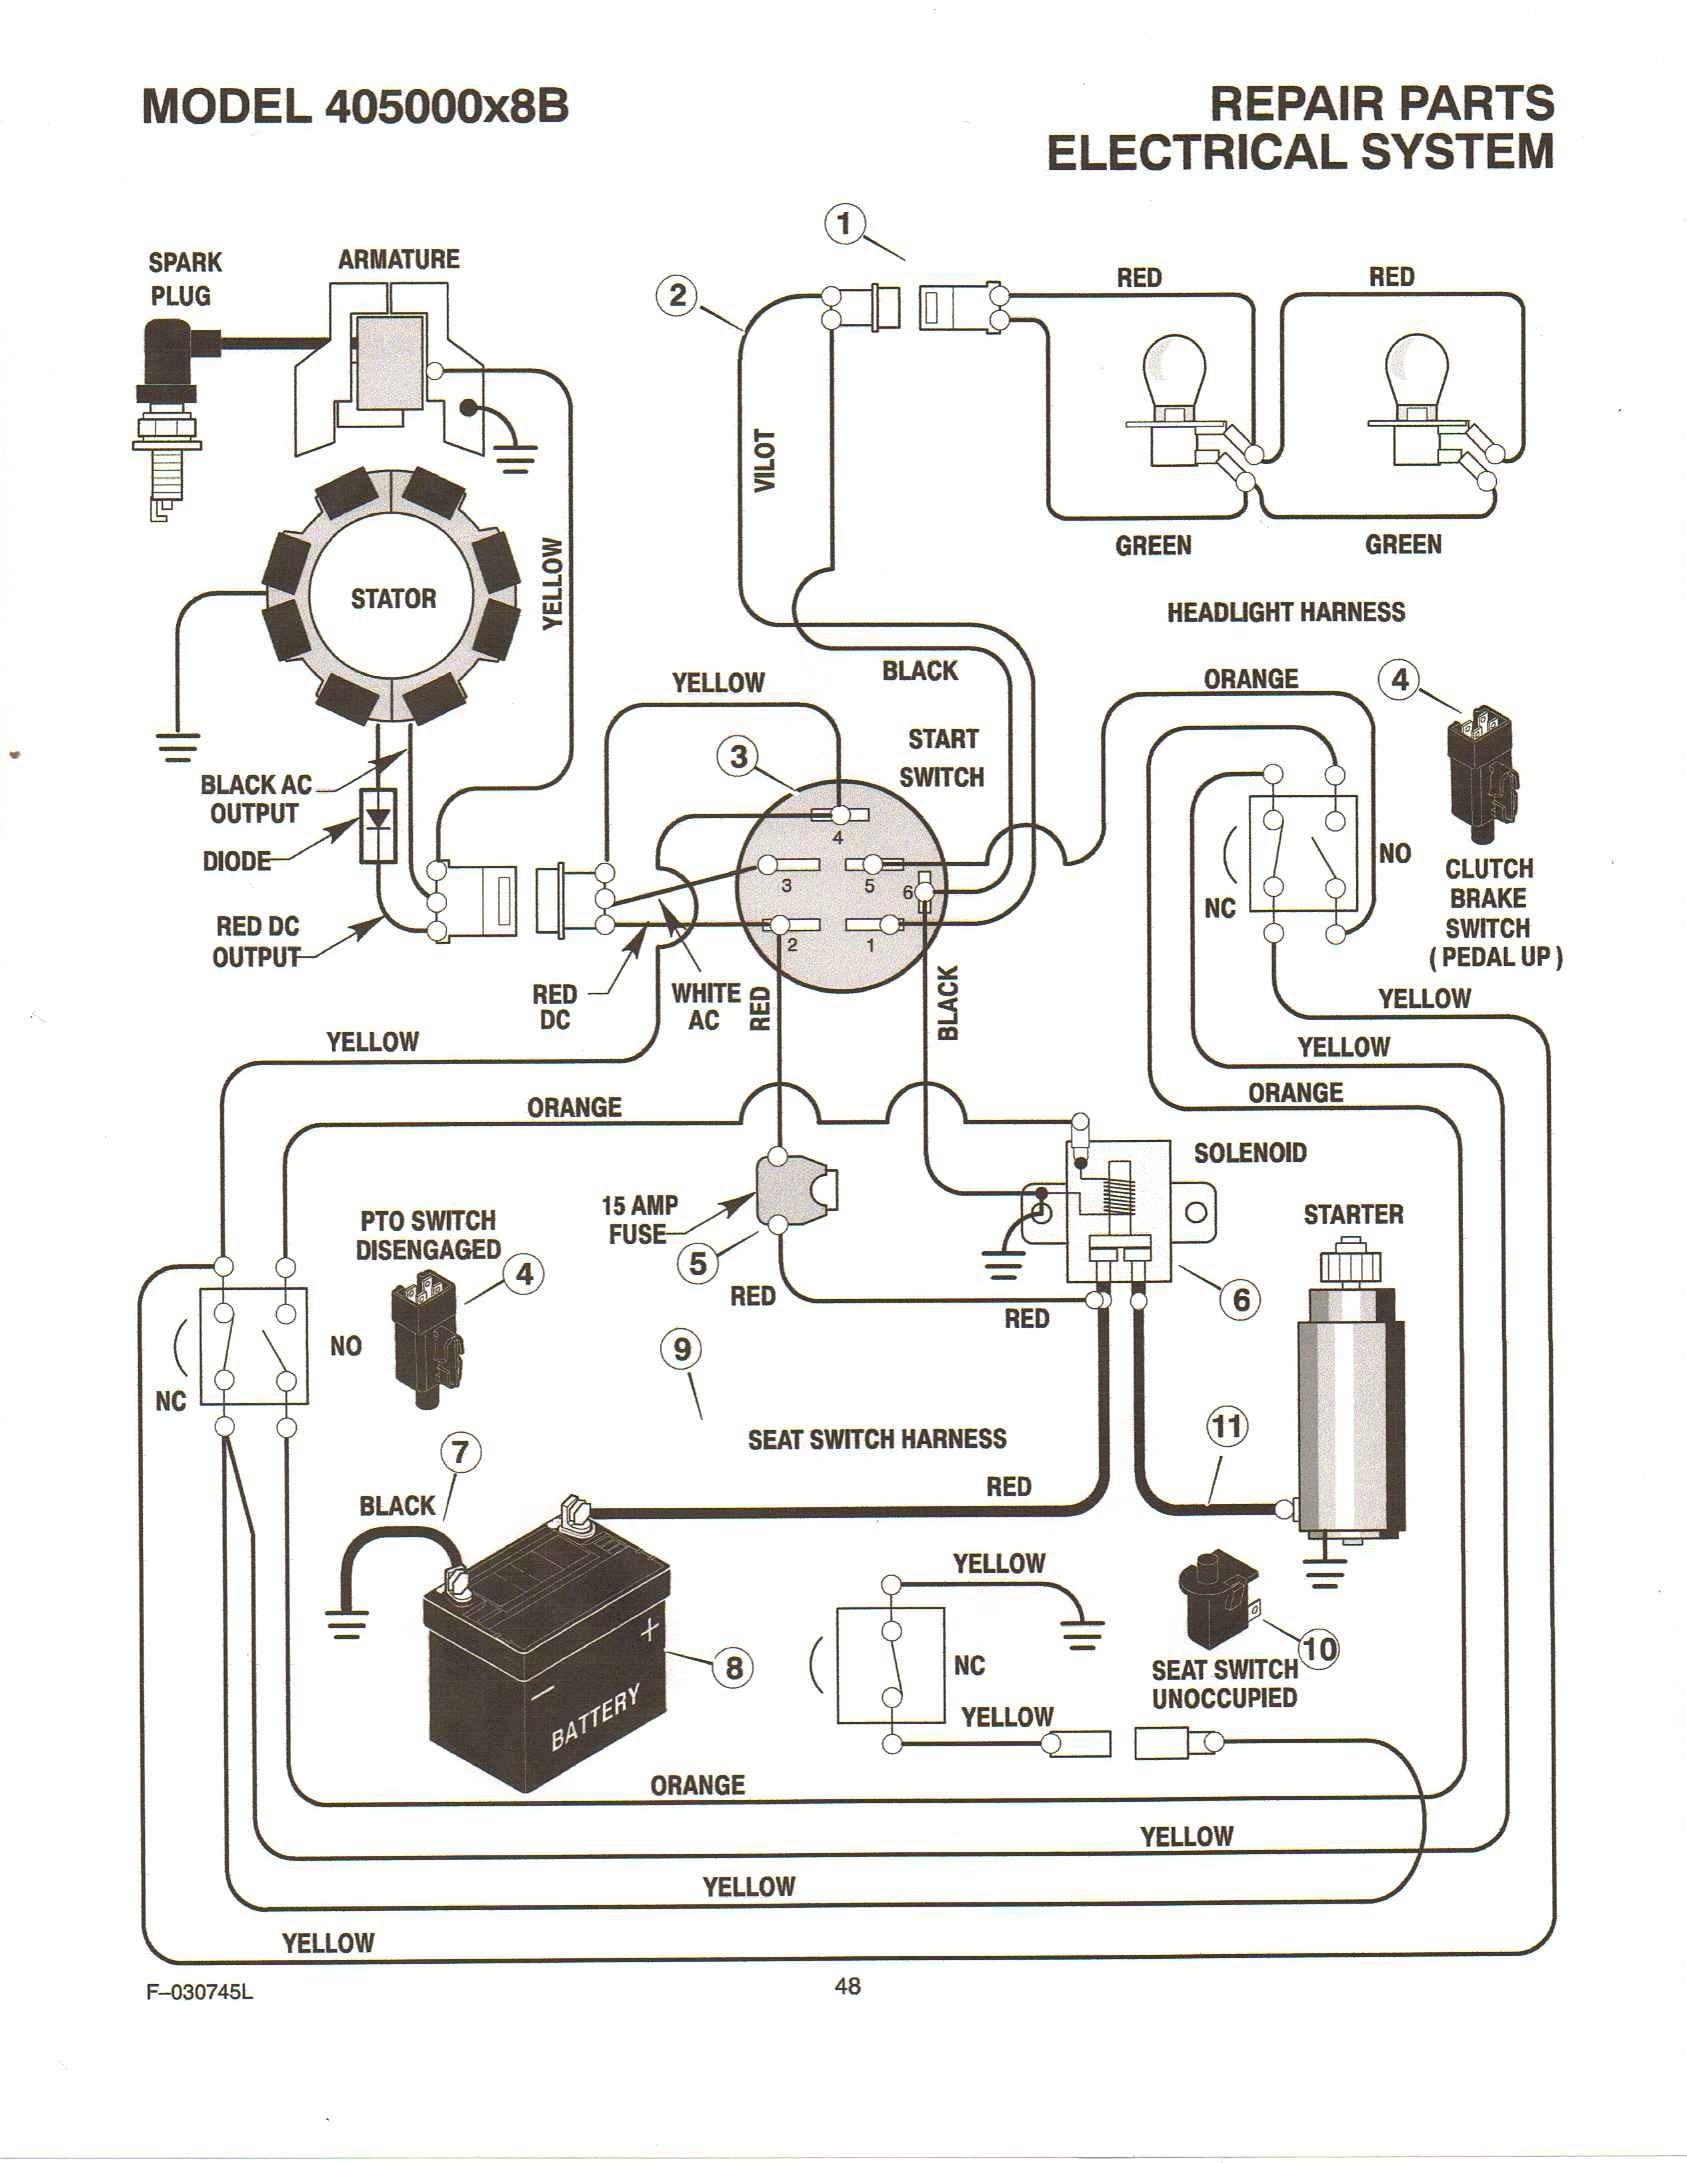 20 Hp Briggs and Stratton Engine Diagram Kohler Ignition Switch Wiring Diagram Best Wiring Diagram for Kohler Of 20 Hp Briggs and Stratton Engine Diagram